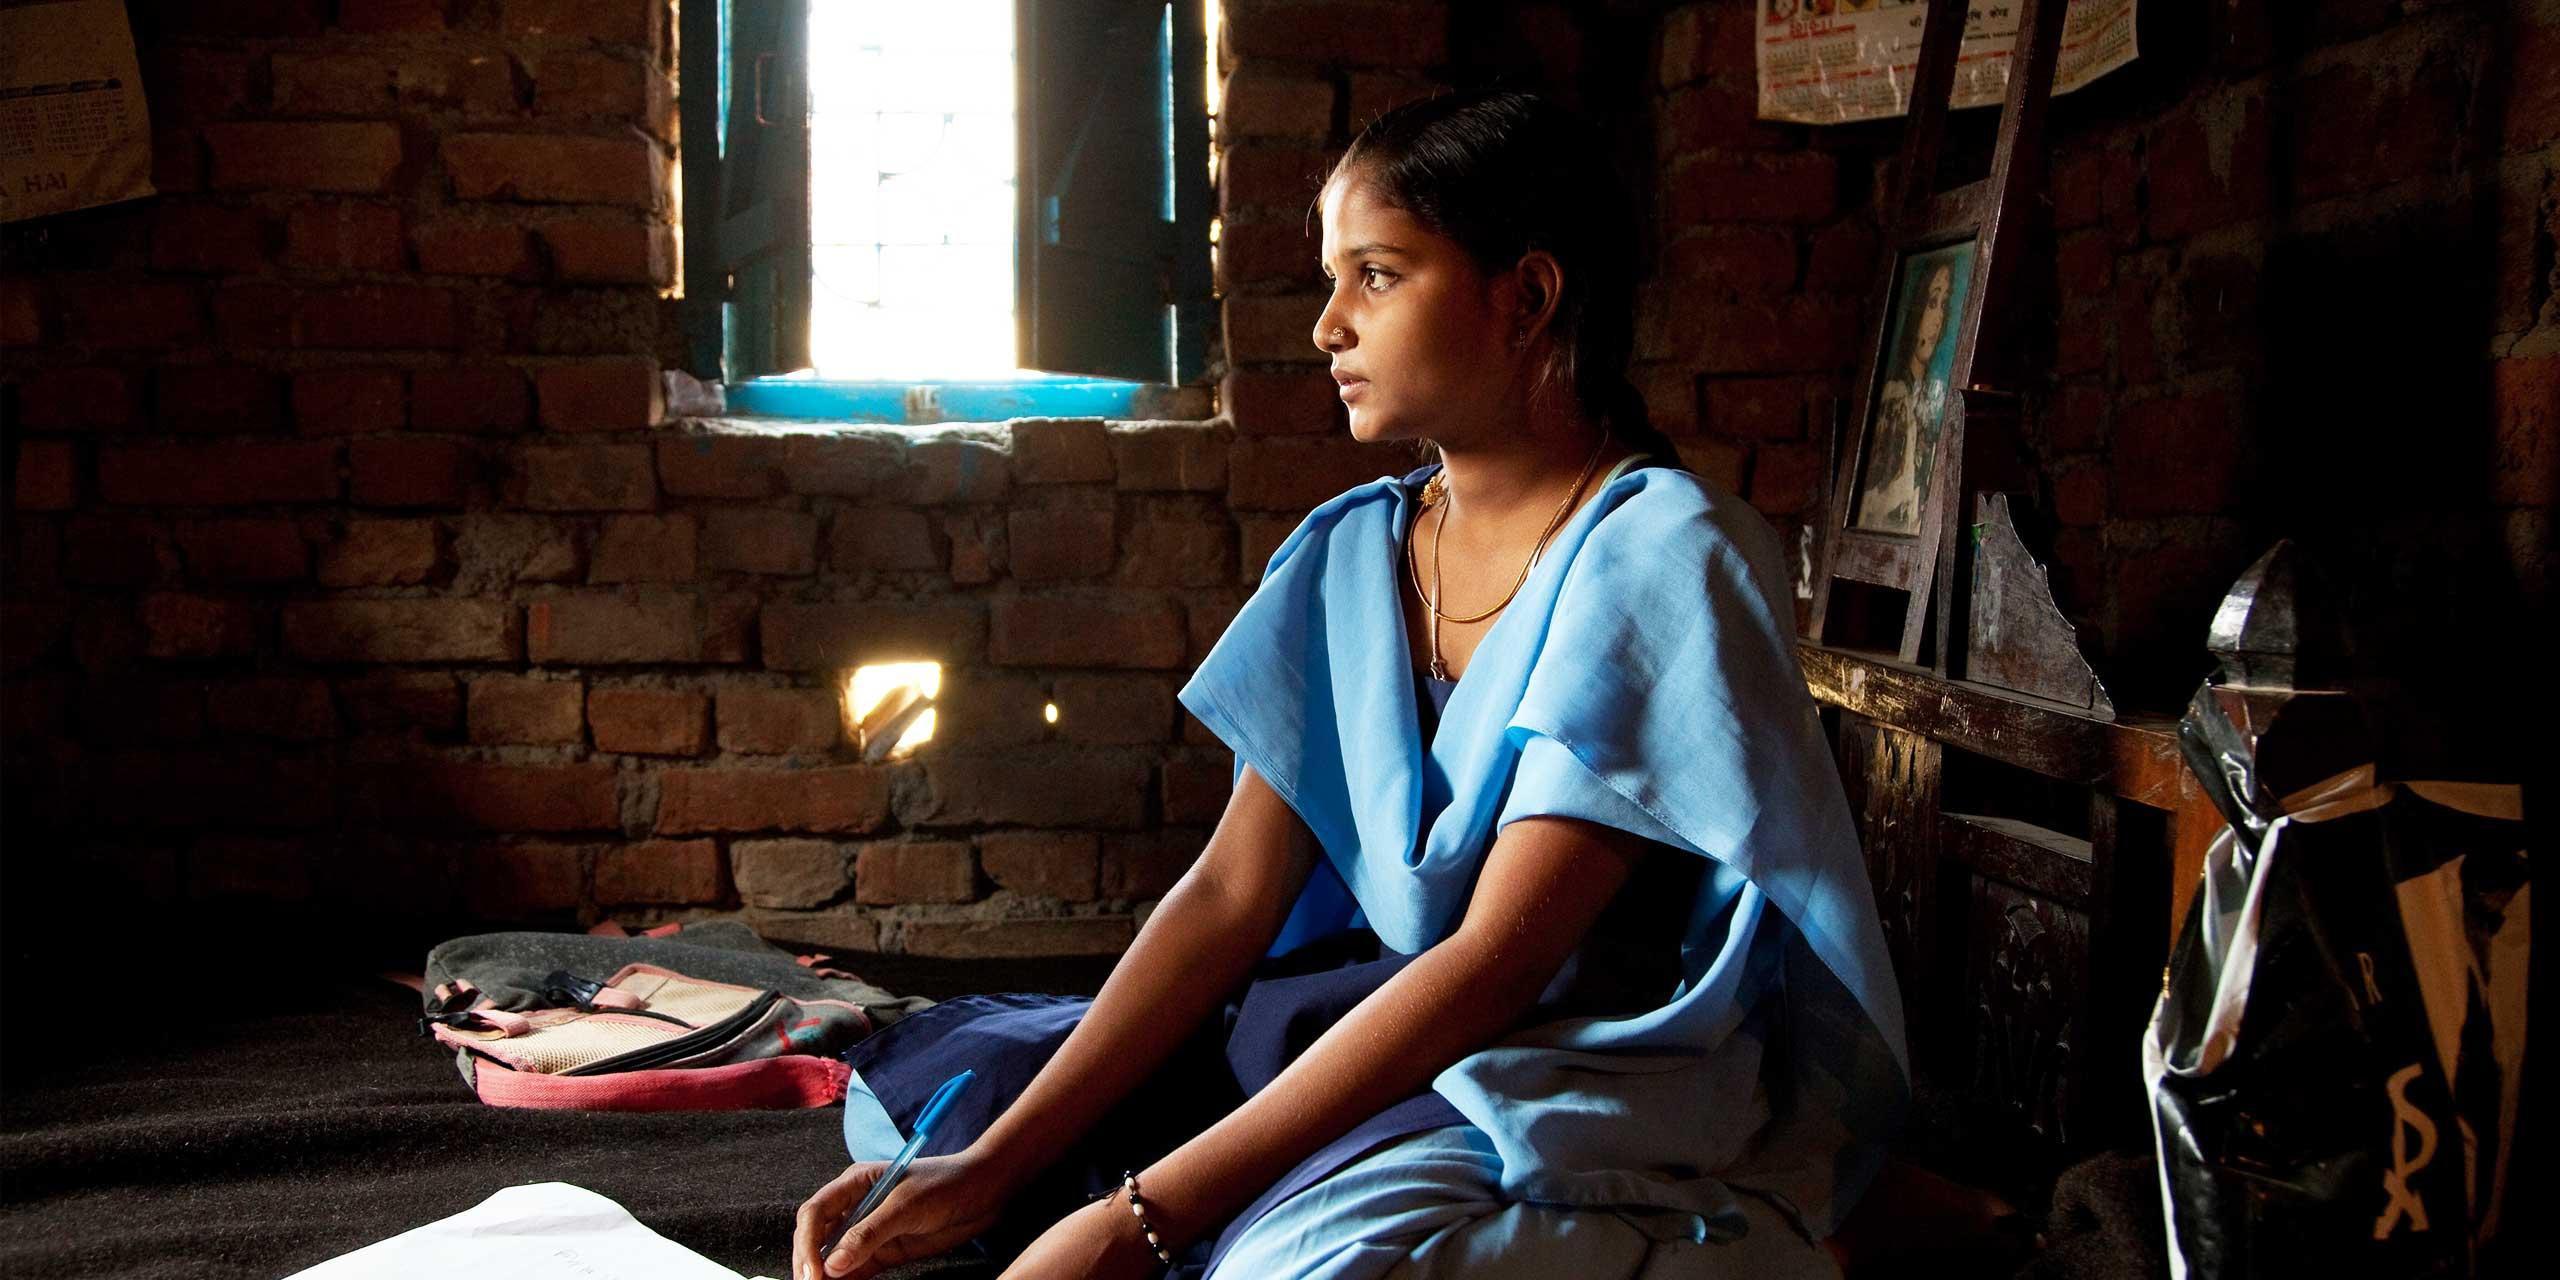 https://s12982.pcdn.co/wp-content/uploads/2014/02/educate-girls-sl1.jpg